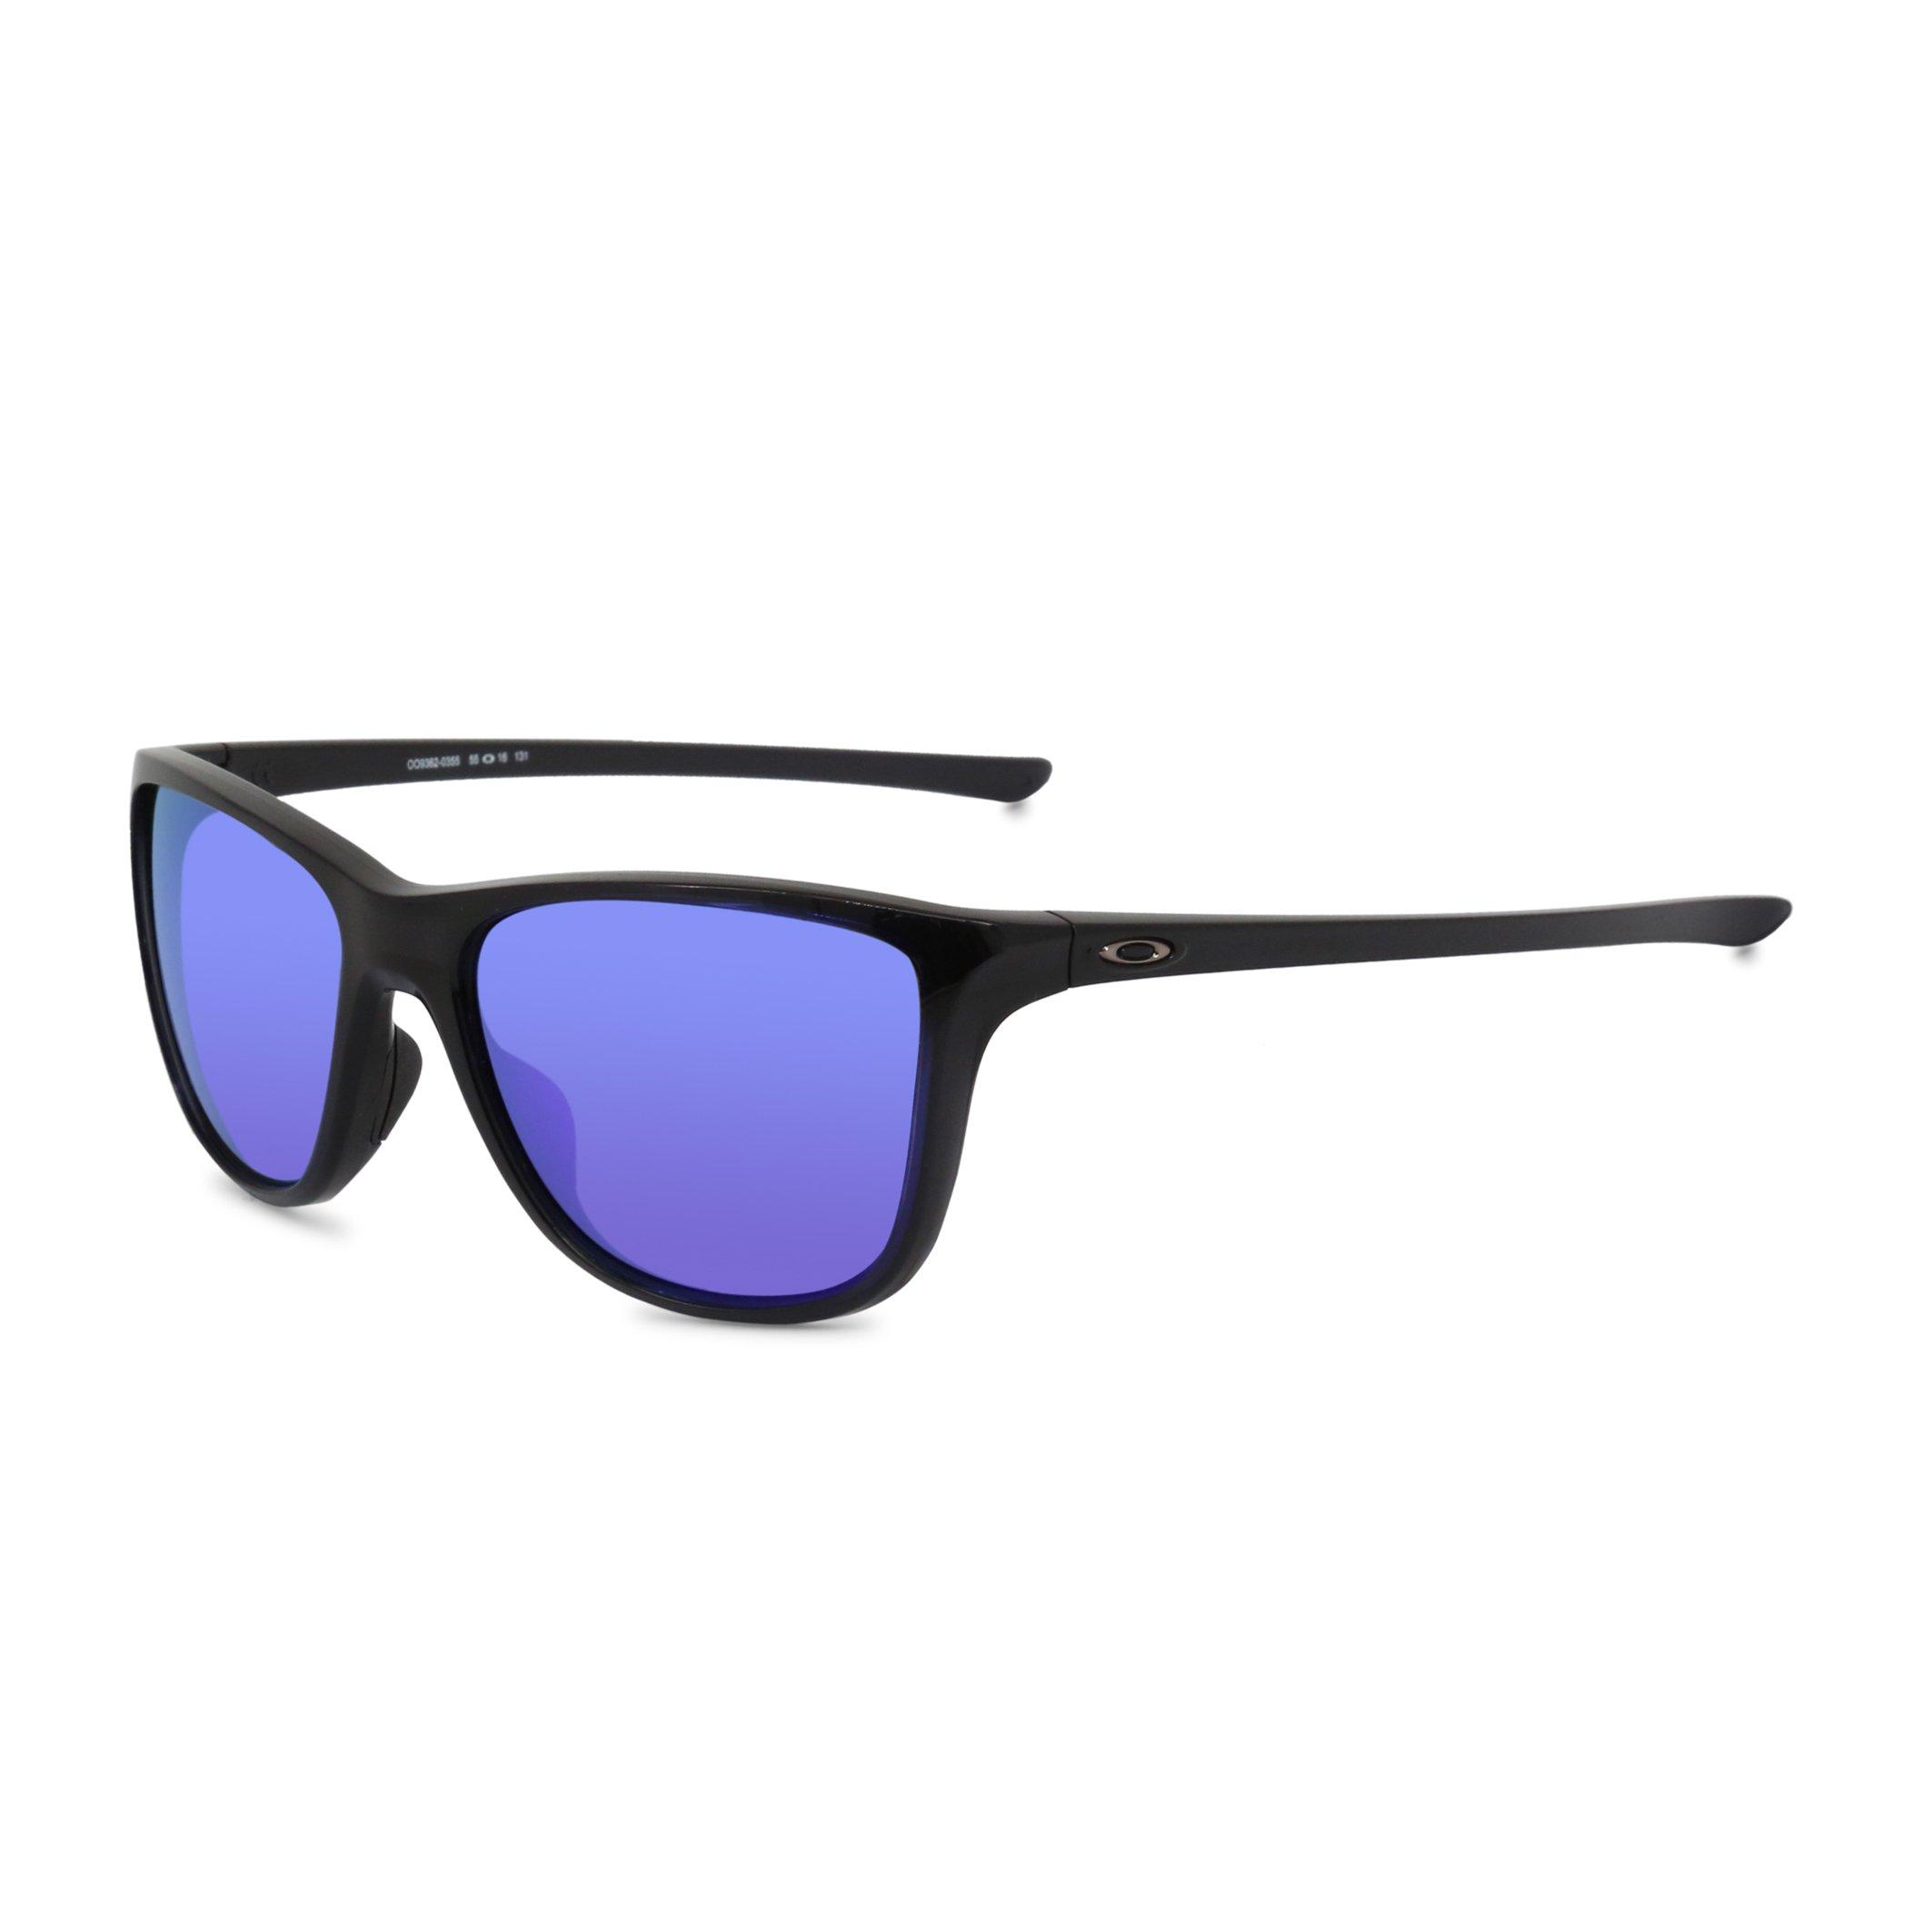 Oakley Men's Sunglasses Black 0OO9362 - black-1 NOSIZE